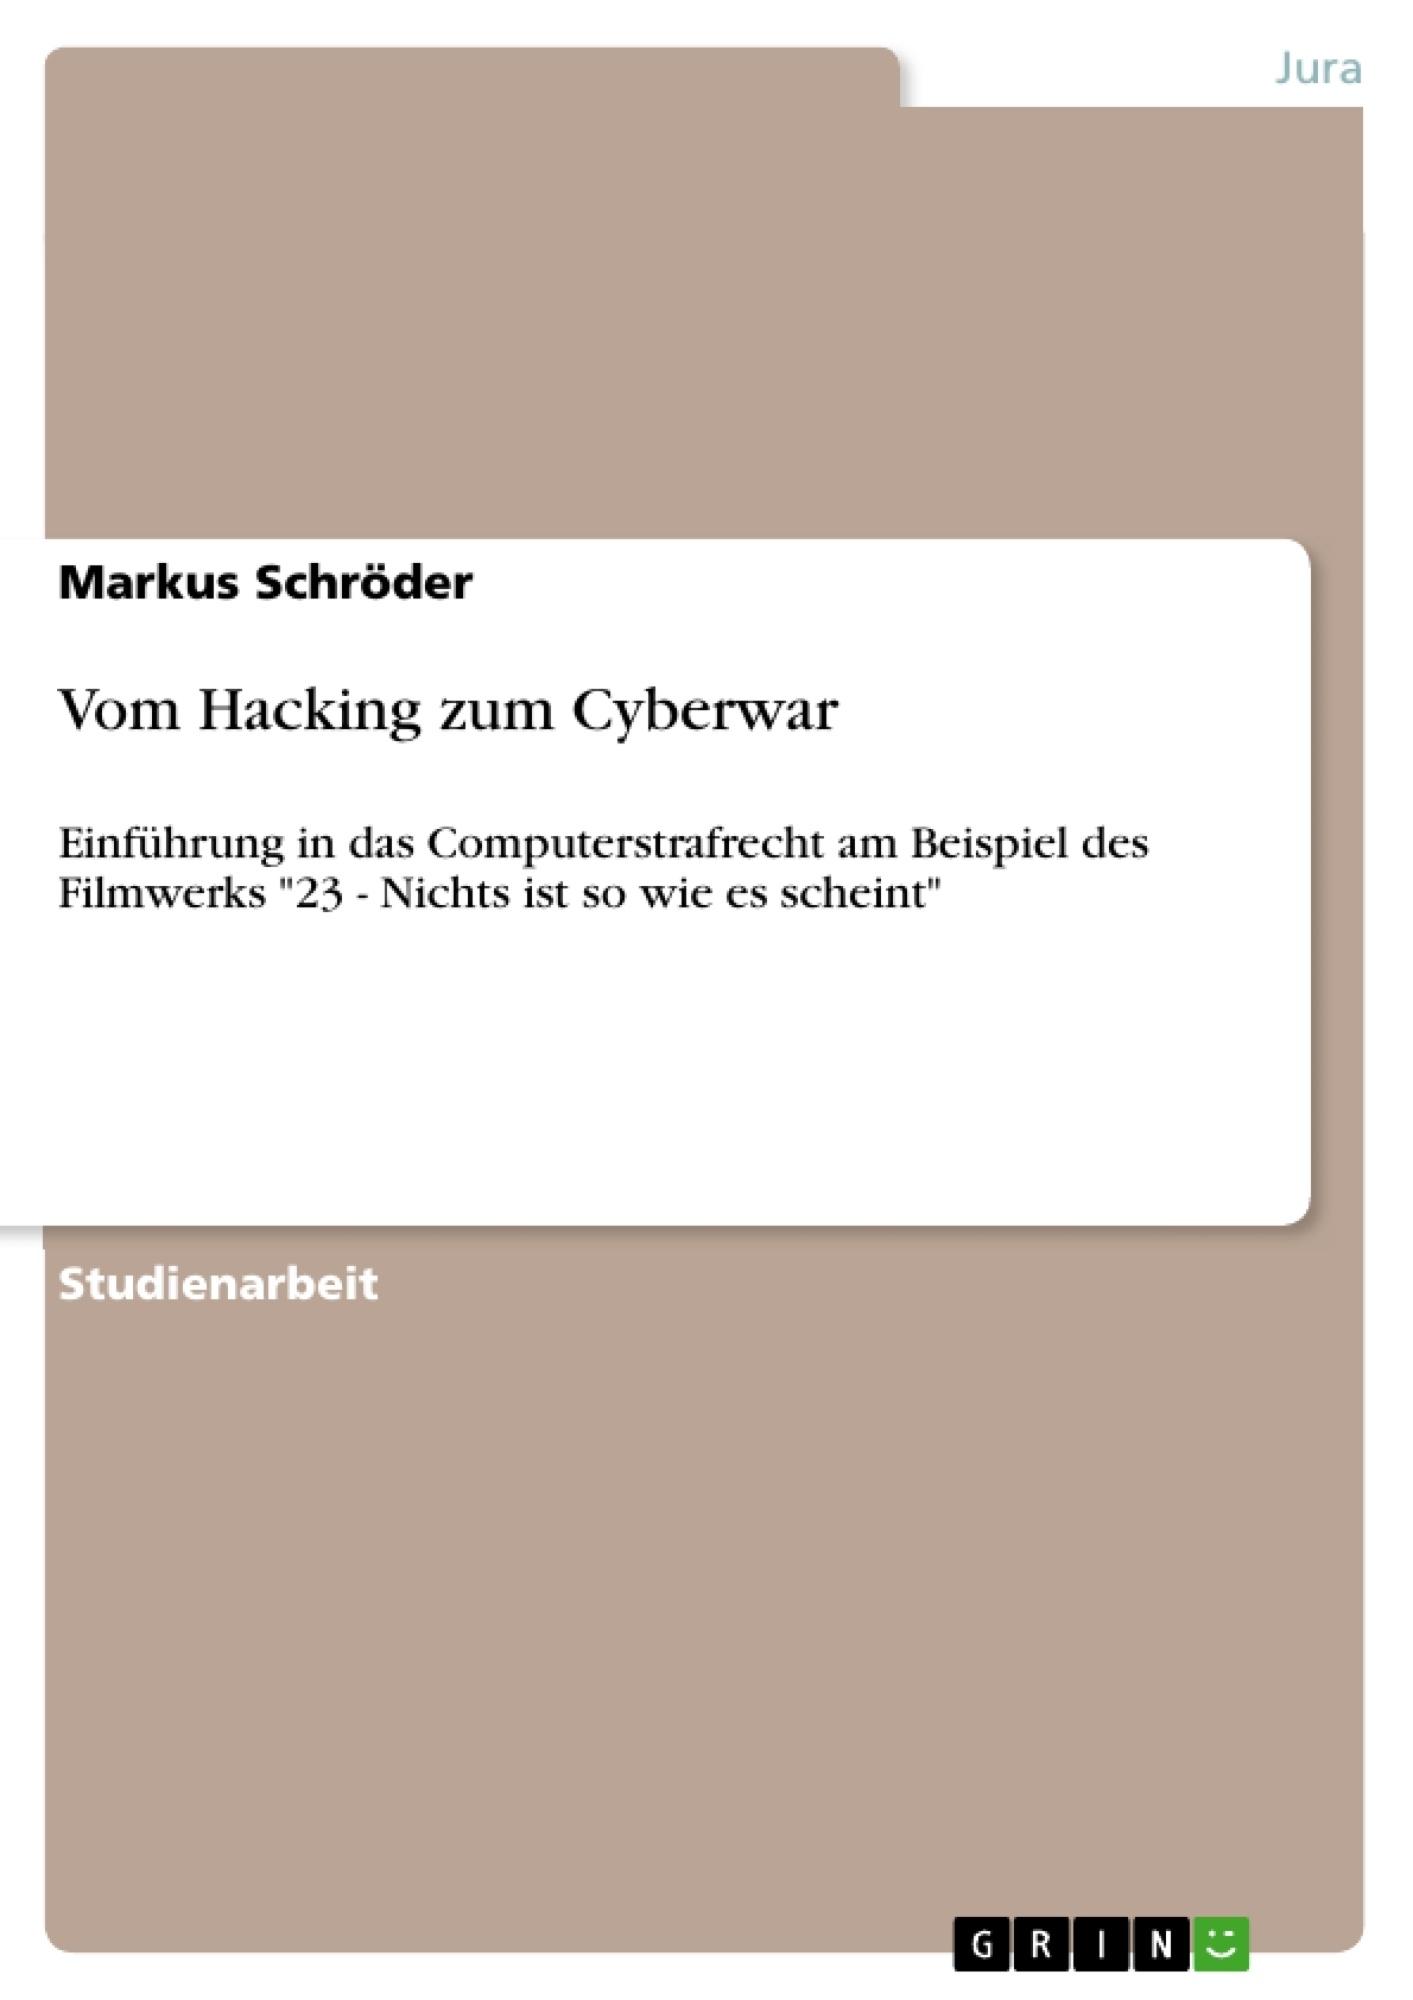 Titel: Vom Hacking zum Cyberwar